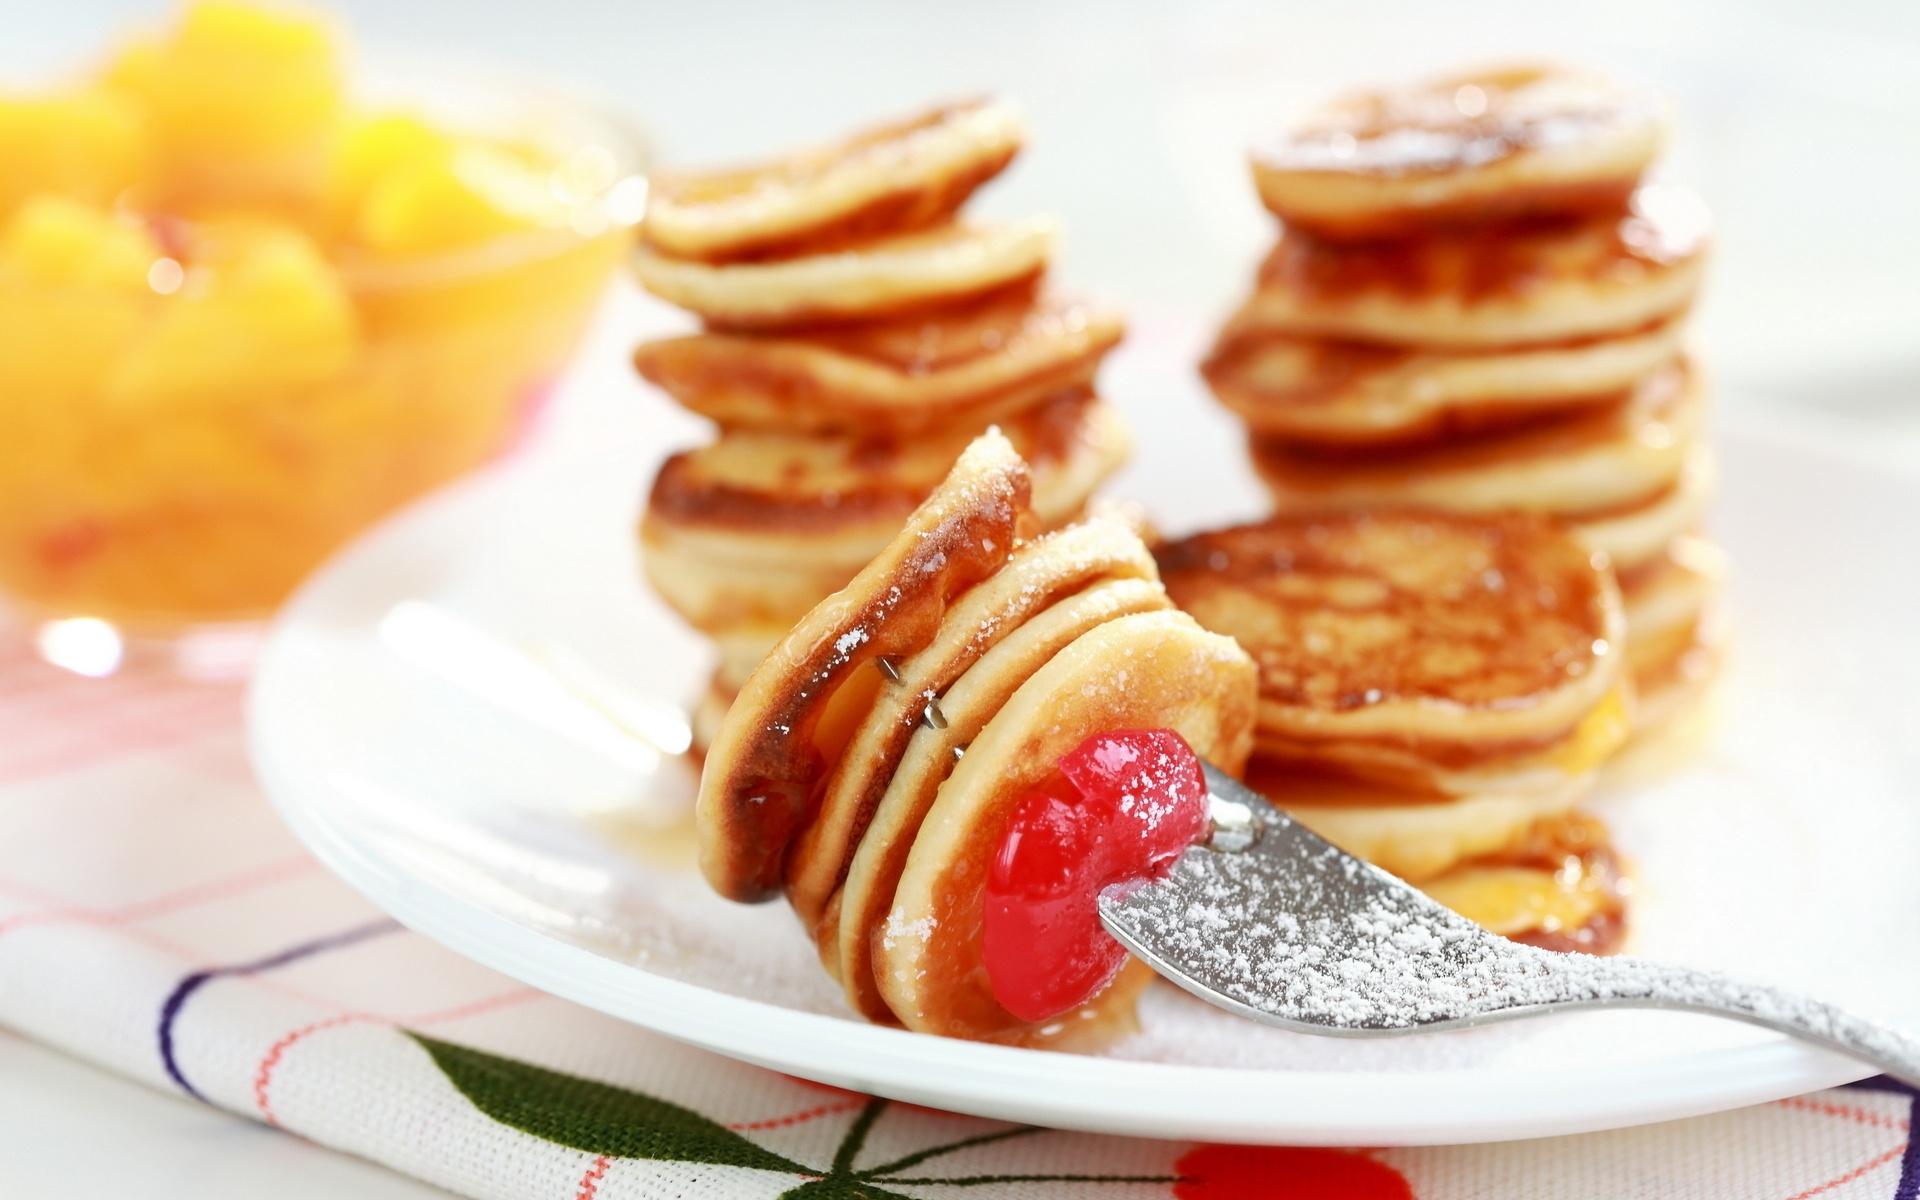 Mini Pancakes wallpaper 1920x1200 24732 1920x1200